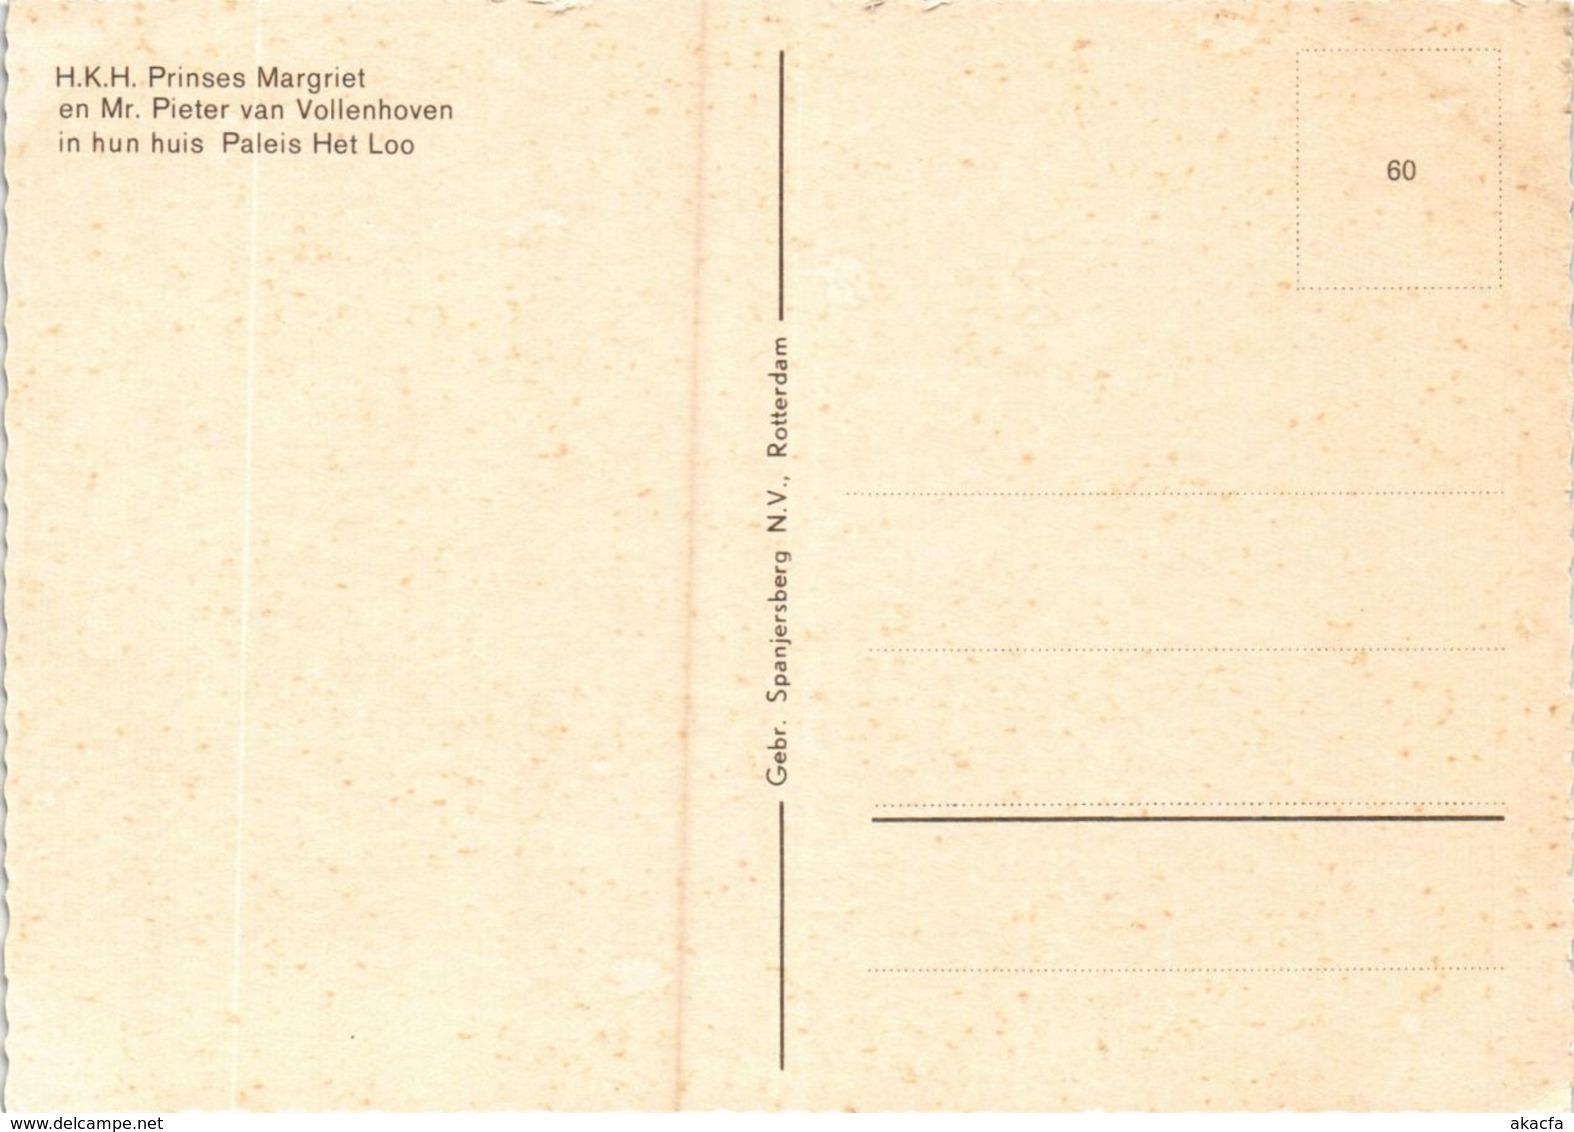 CPM HKH Prinses Margriet En De Heer Mr. V. Vollenhoven DUTCH ROYALTY (814135) - Familles Royales